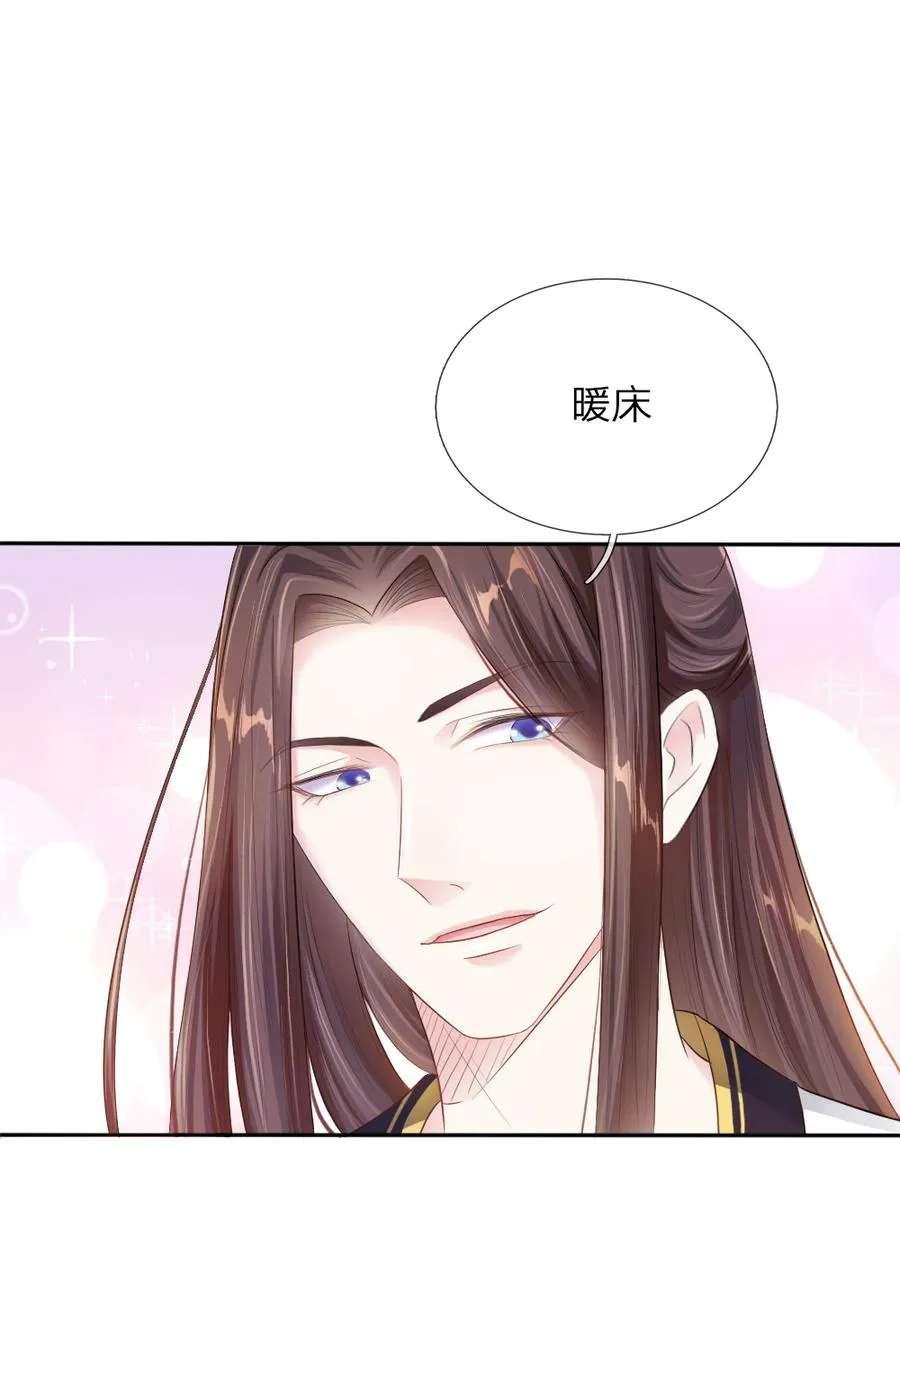 温柔暴君:摄政王爷太凶猛第3话  第3话 奉旨暖床 第 23